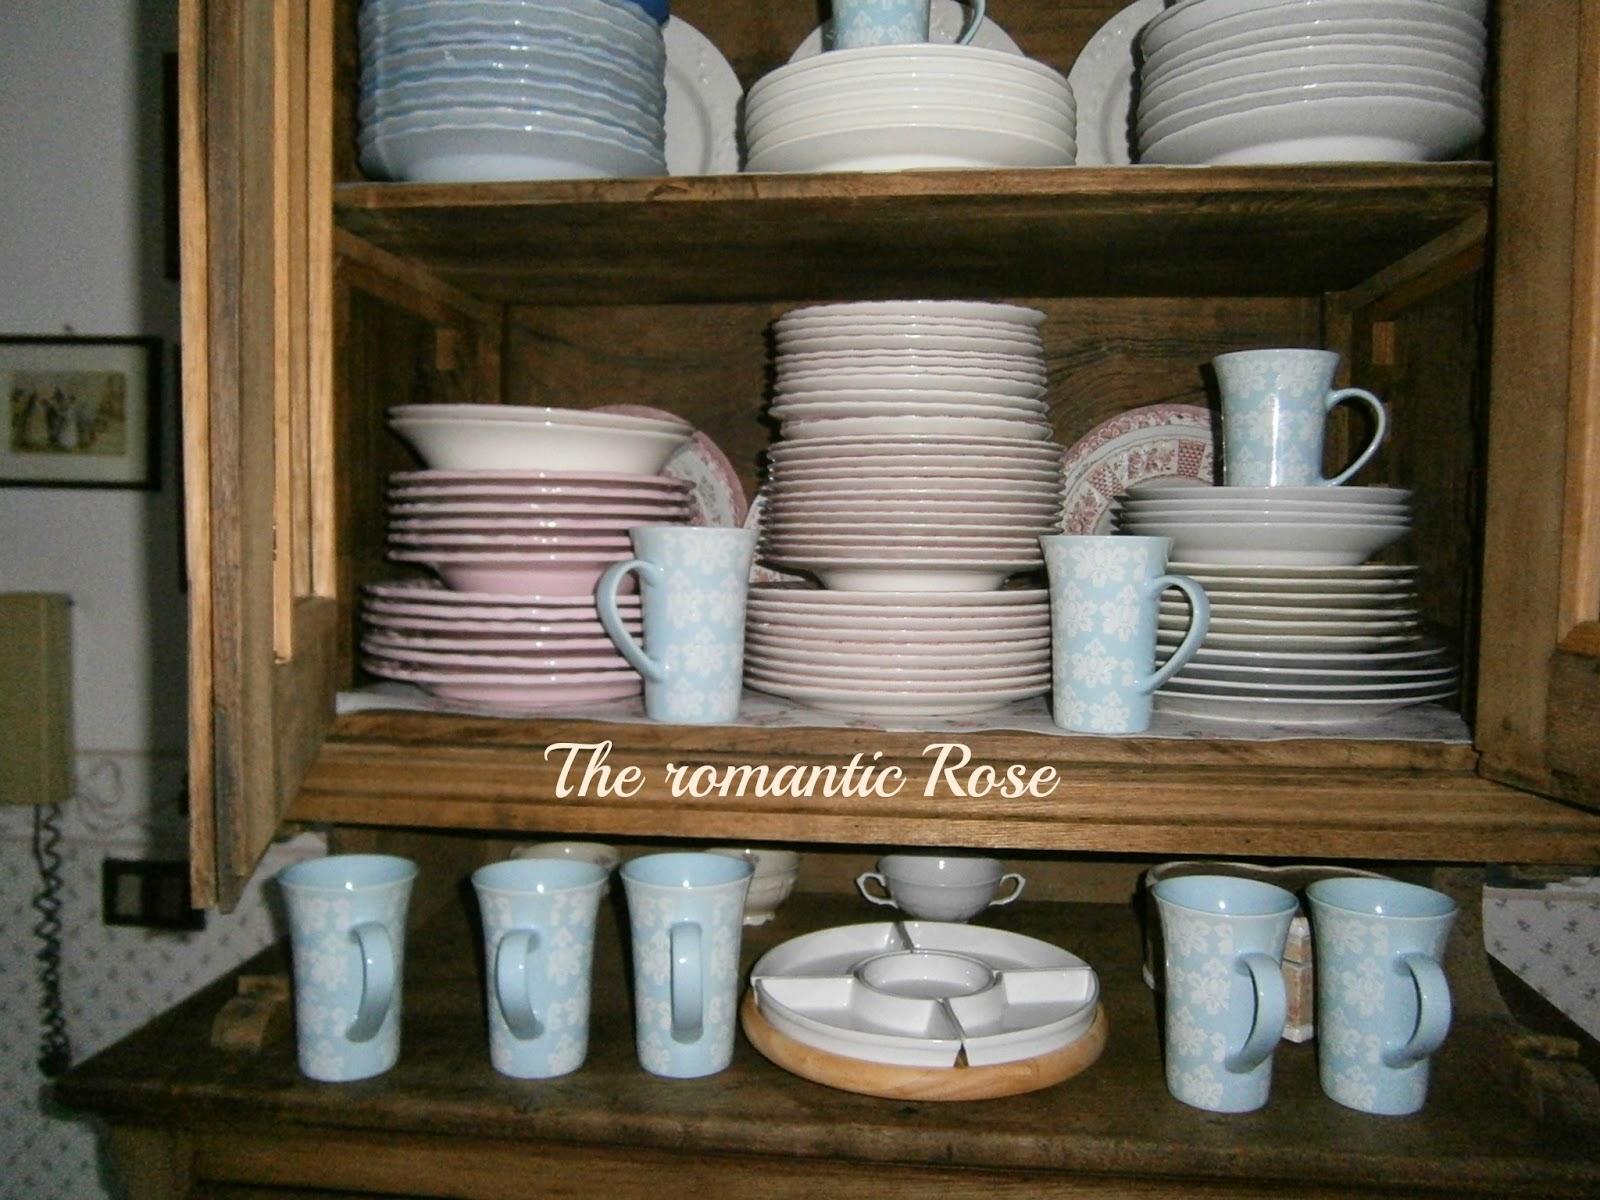 La Credenza Di Nonna Anna : The romantic rose: la credenza di nonna elvira